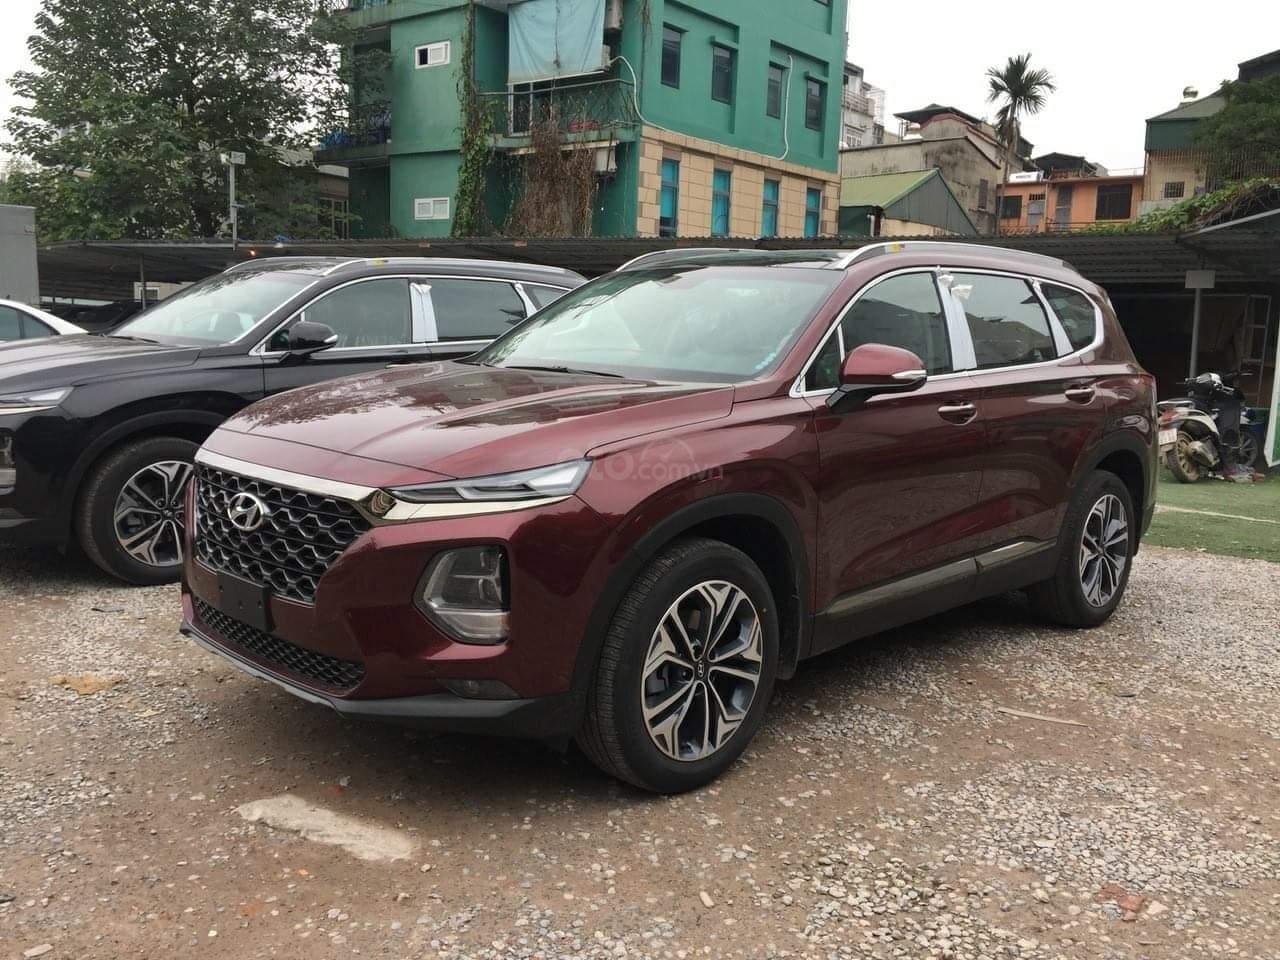 Bán Hyundai Santa Fe giao ngay, giá giảm sâu, tặng gói phụ kiện hấp dẫn, LH 0907 321001 (1)